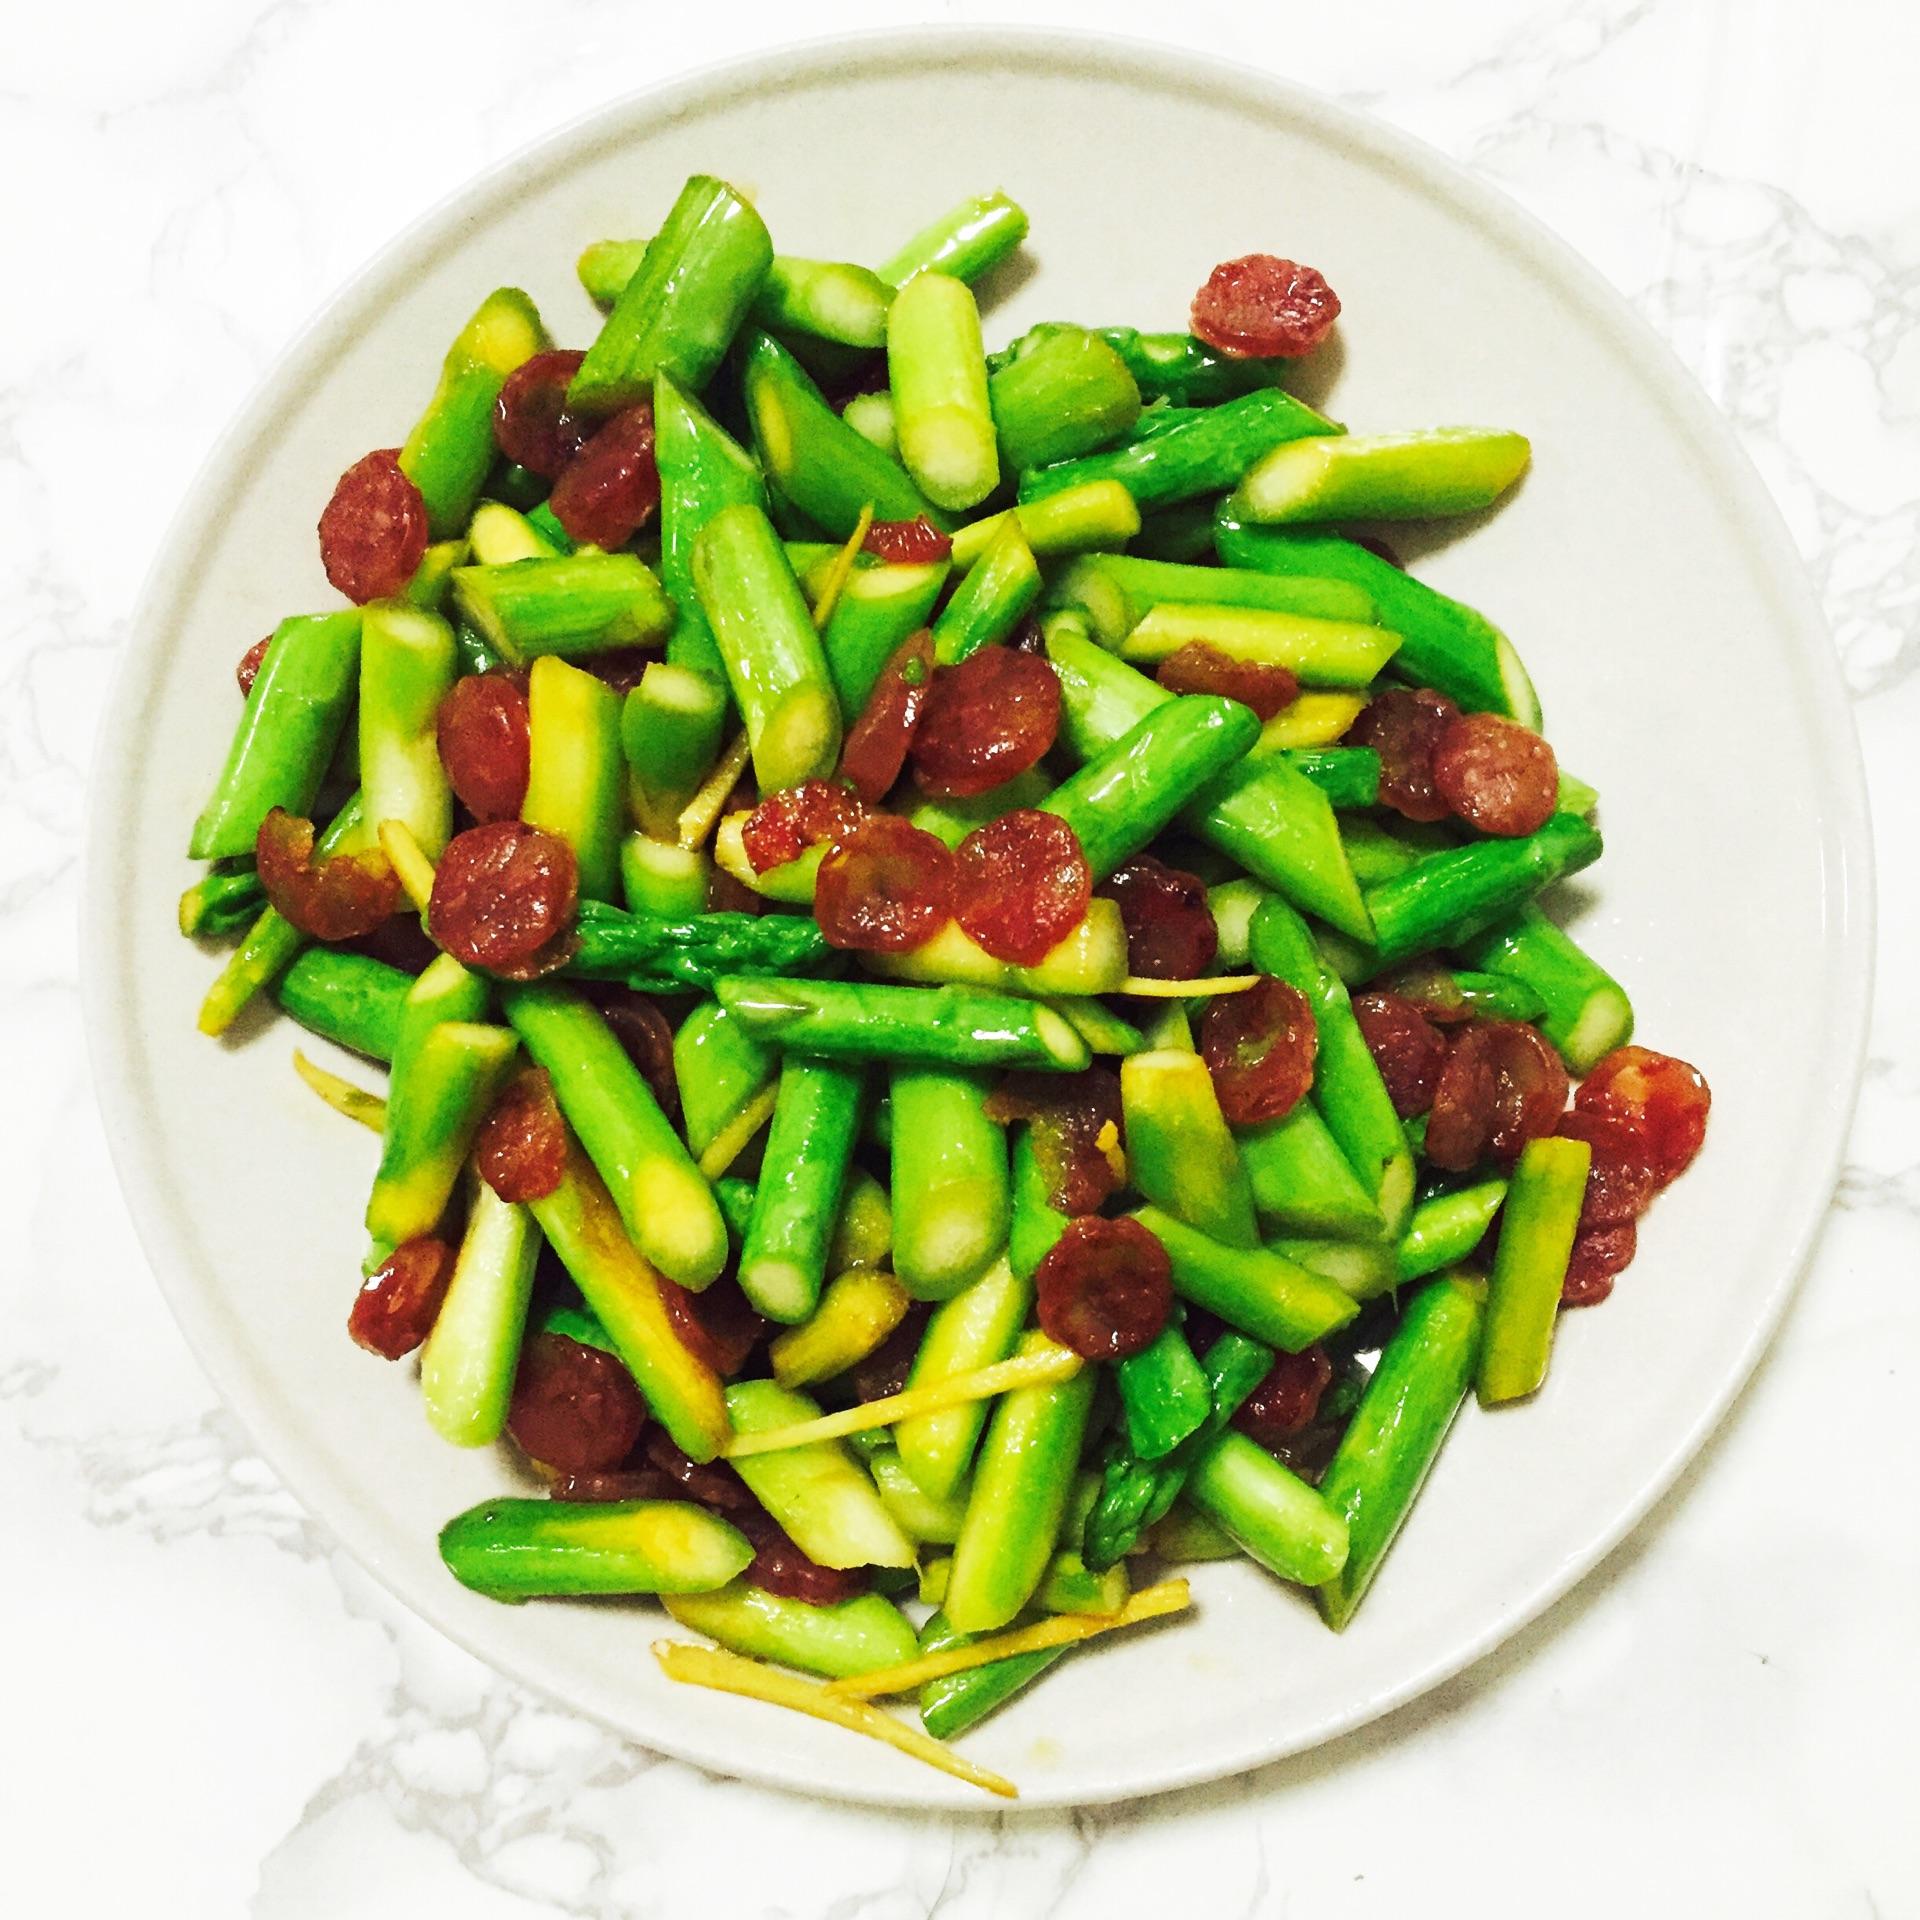 家常菜哪些好吃又简单做法的有哪些图片